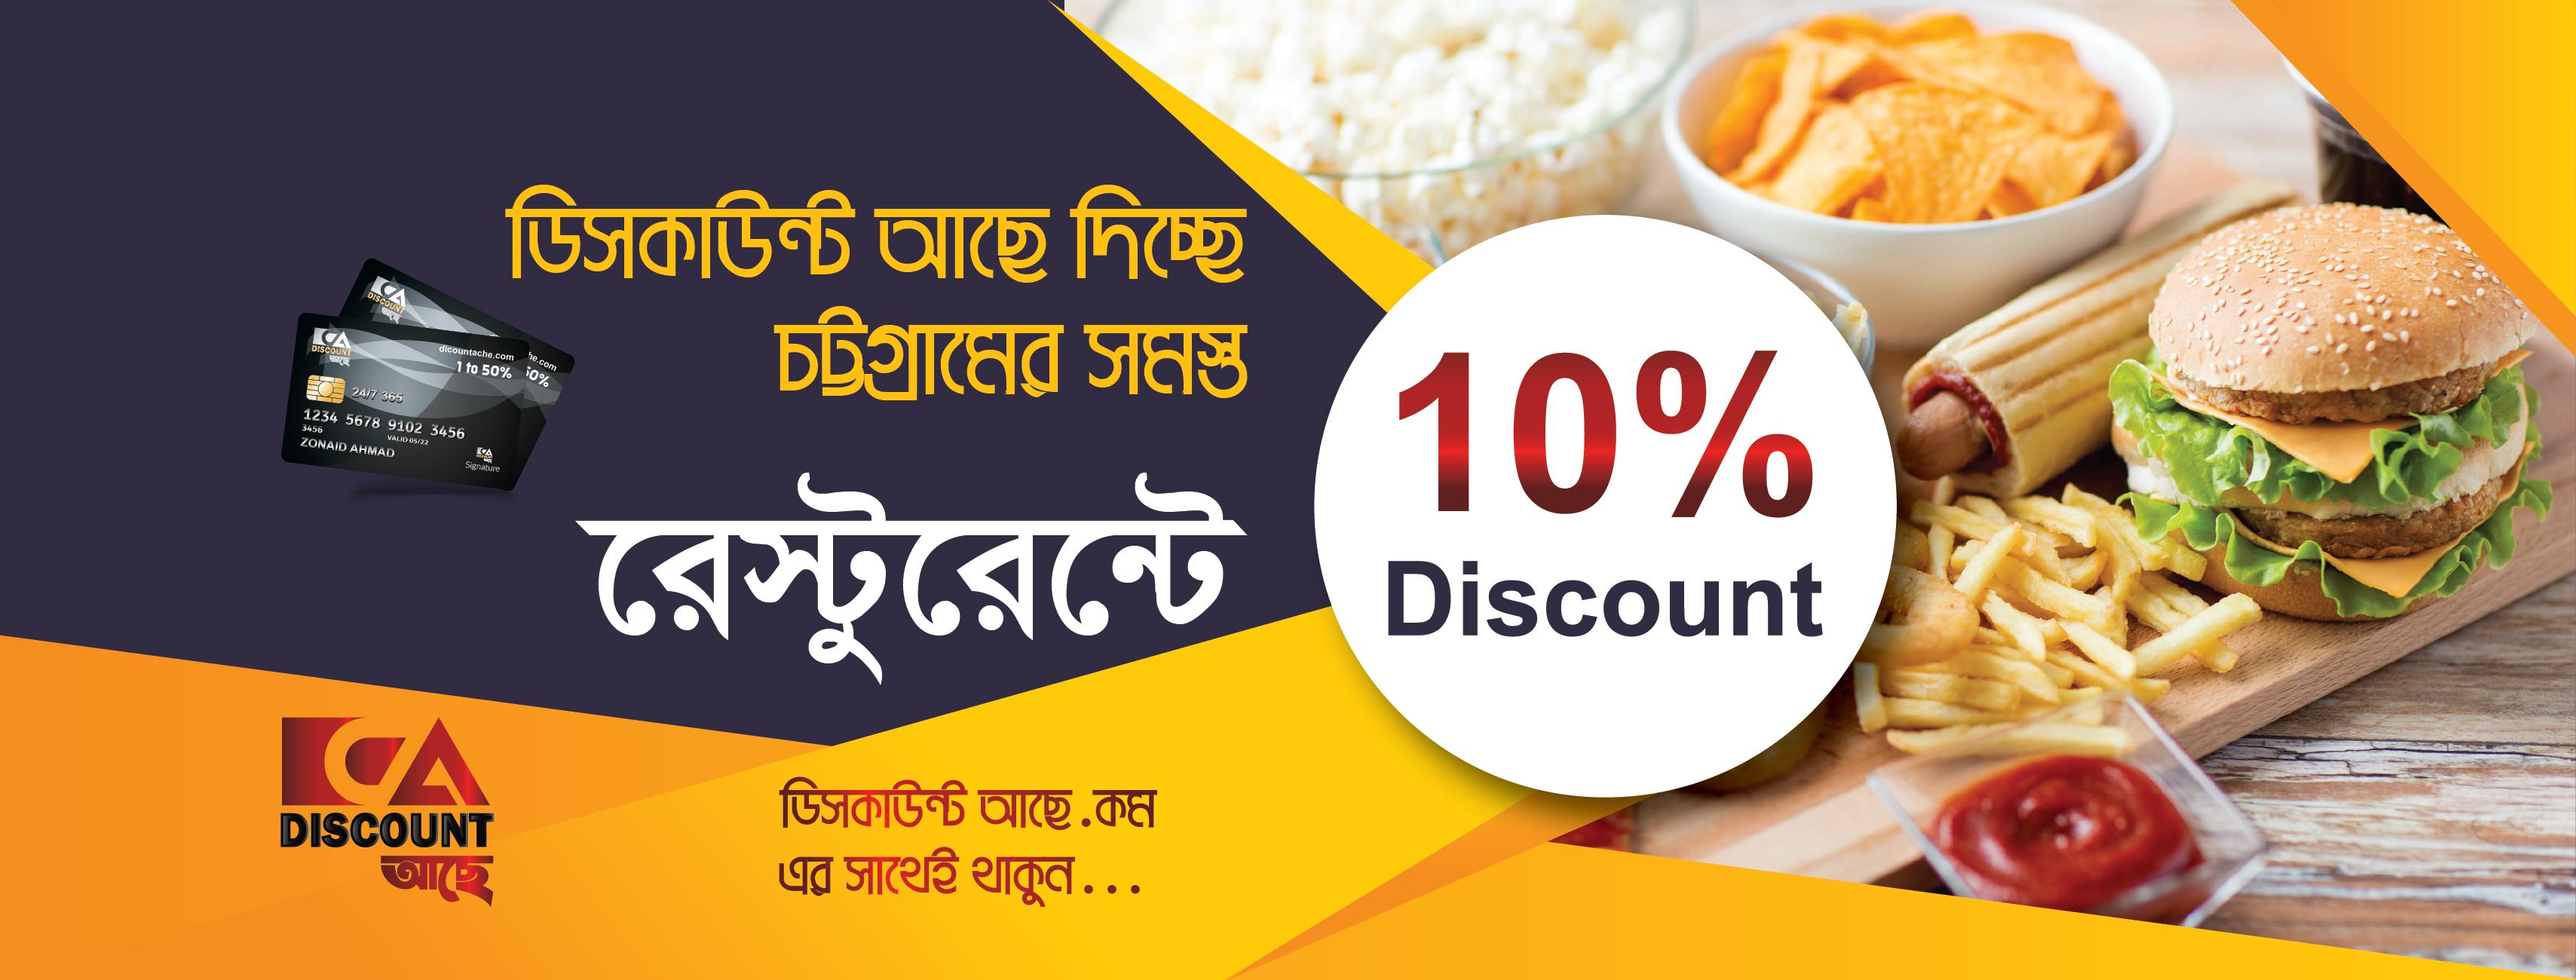 Best restaurant food service in Bangladesh